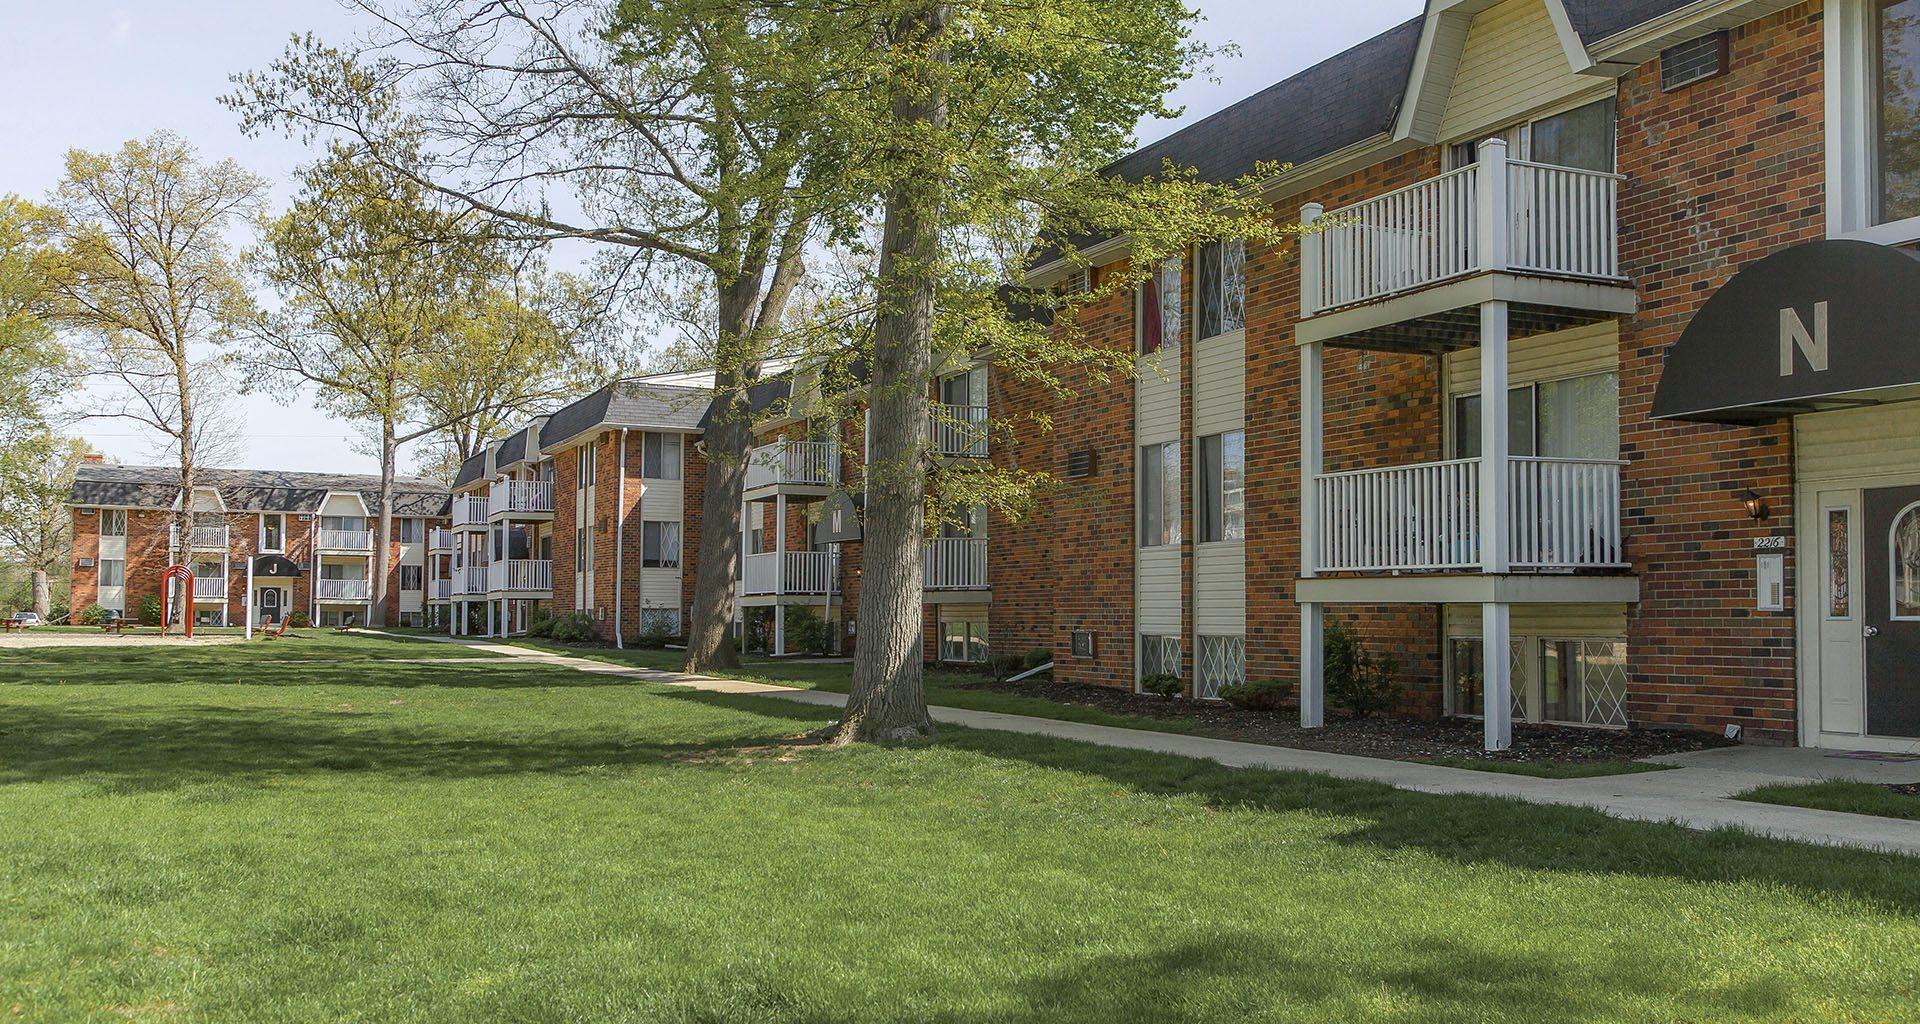 Exterior at Sunnydale Estates Apartments | Toledo, OH